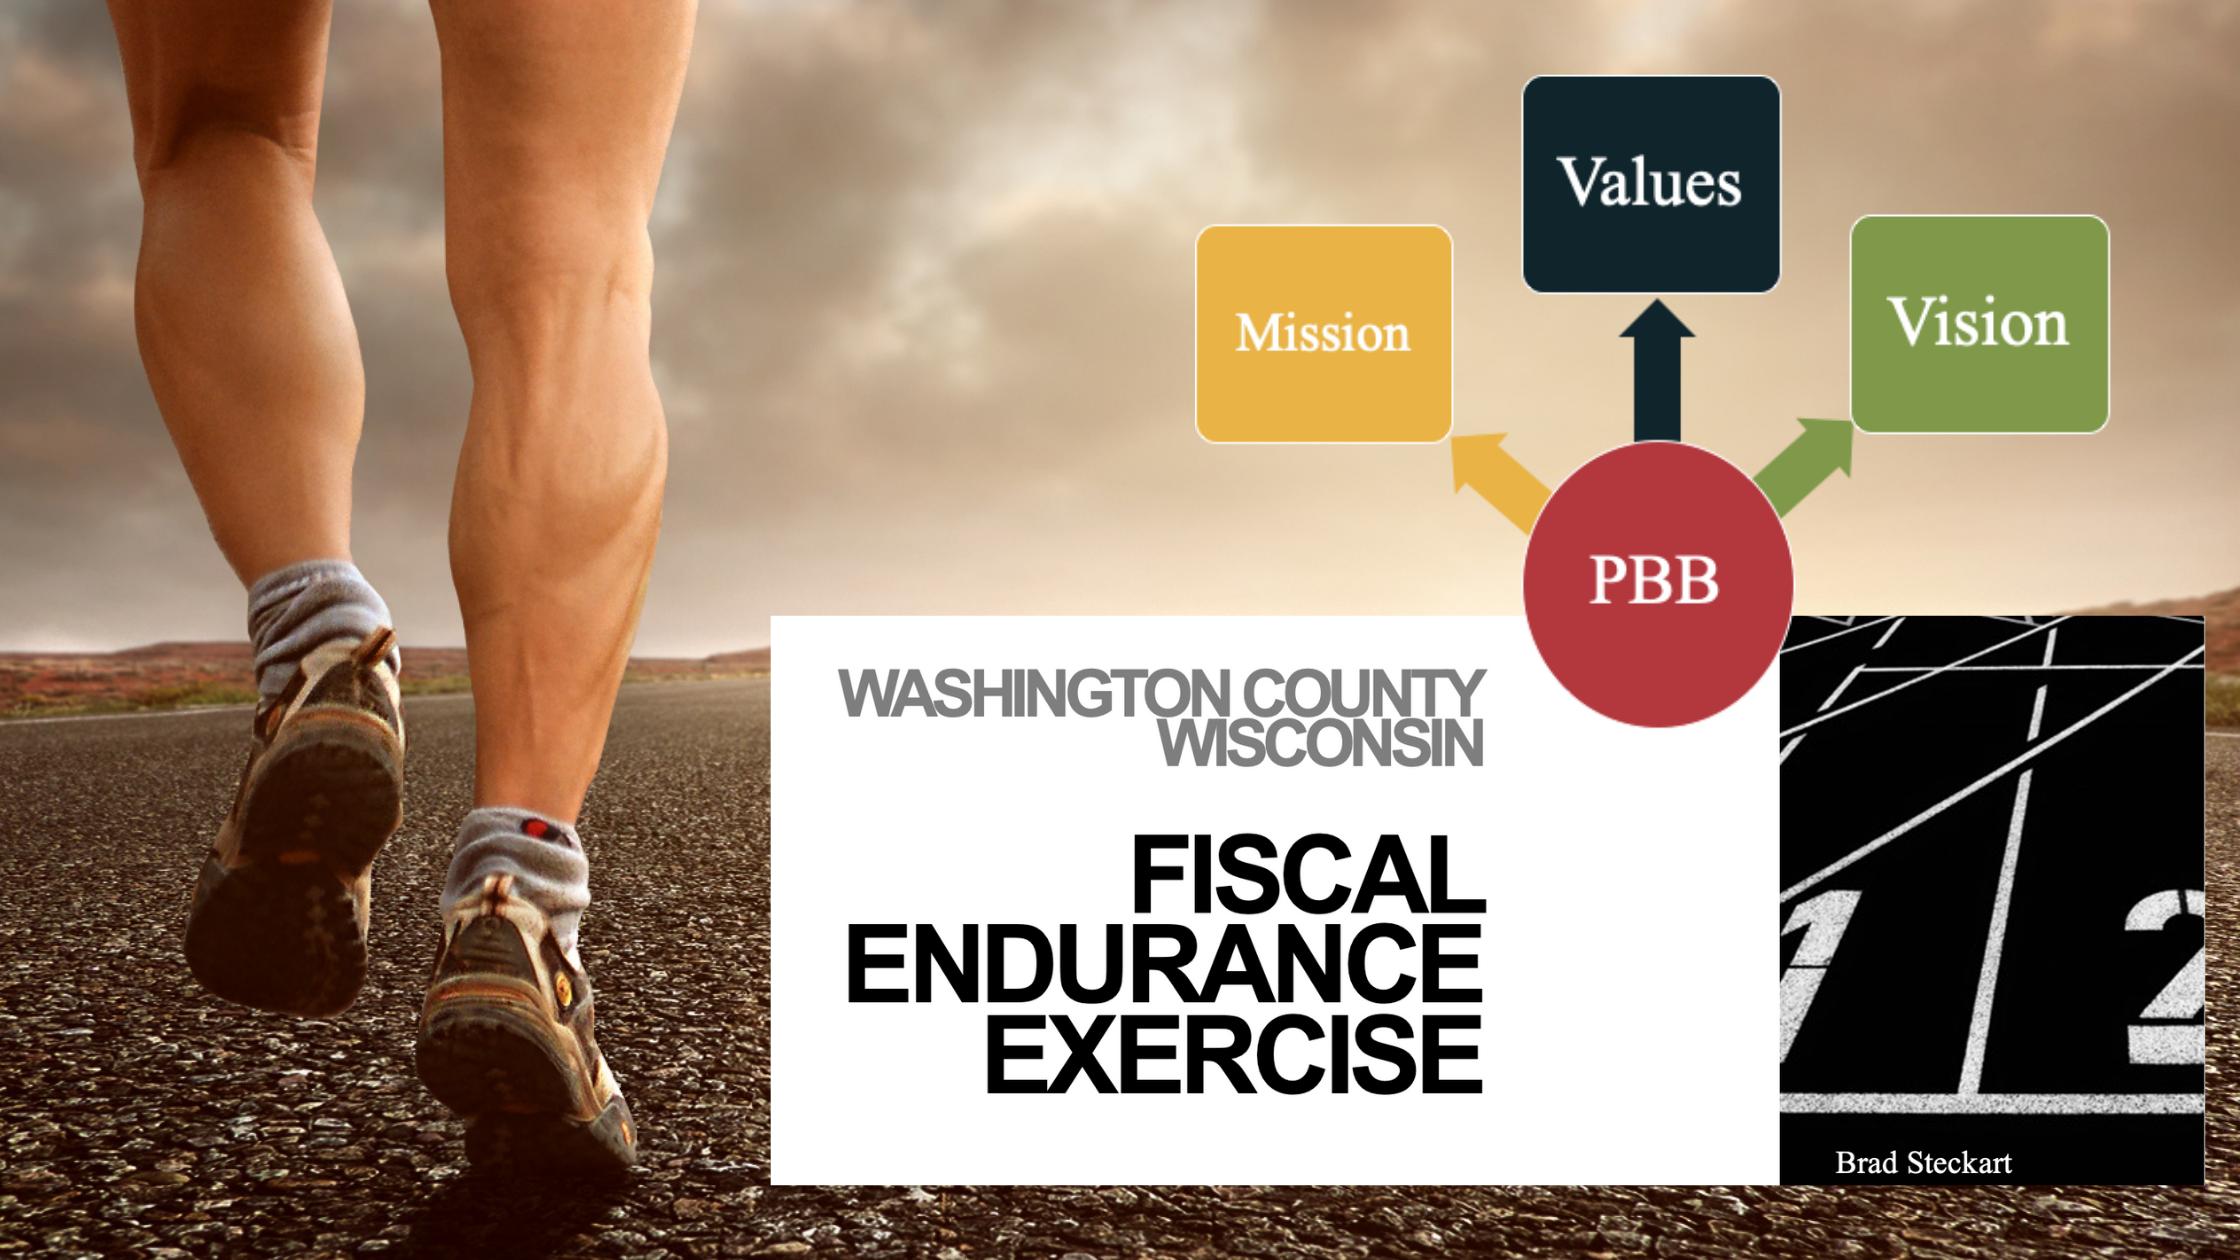 Fiscal Endurance